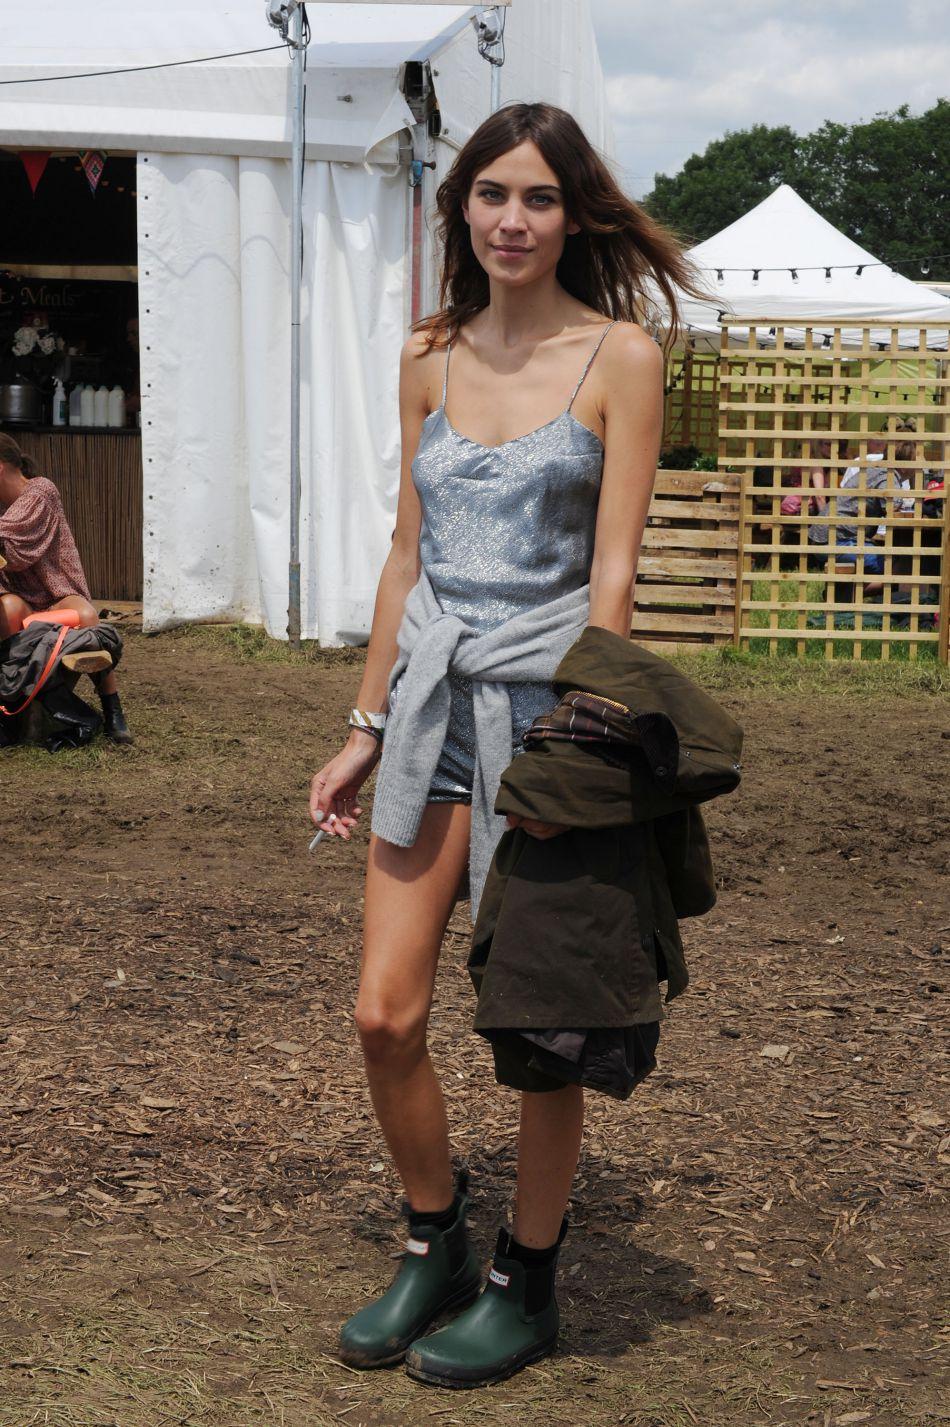 Alexa Chung mise sur une combinaison paillettée qu'elle associe à des bottes de pluie. Le résultat est aussi cool que girly.